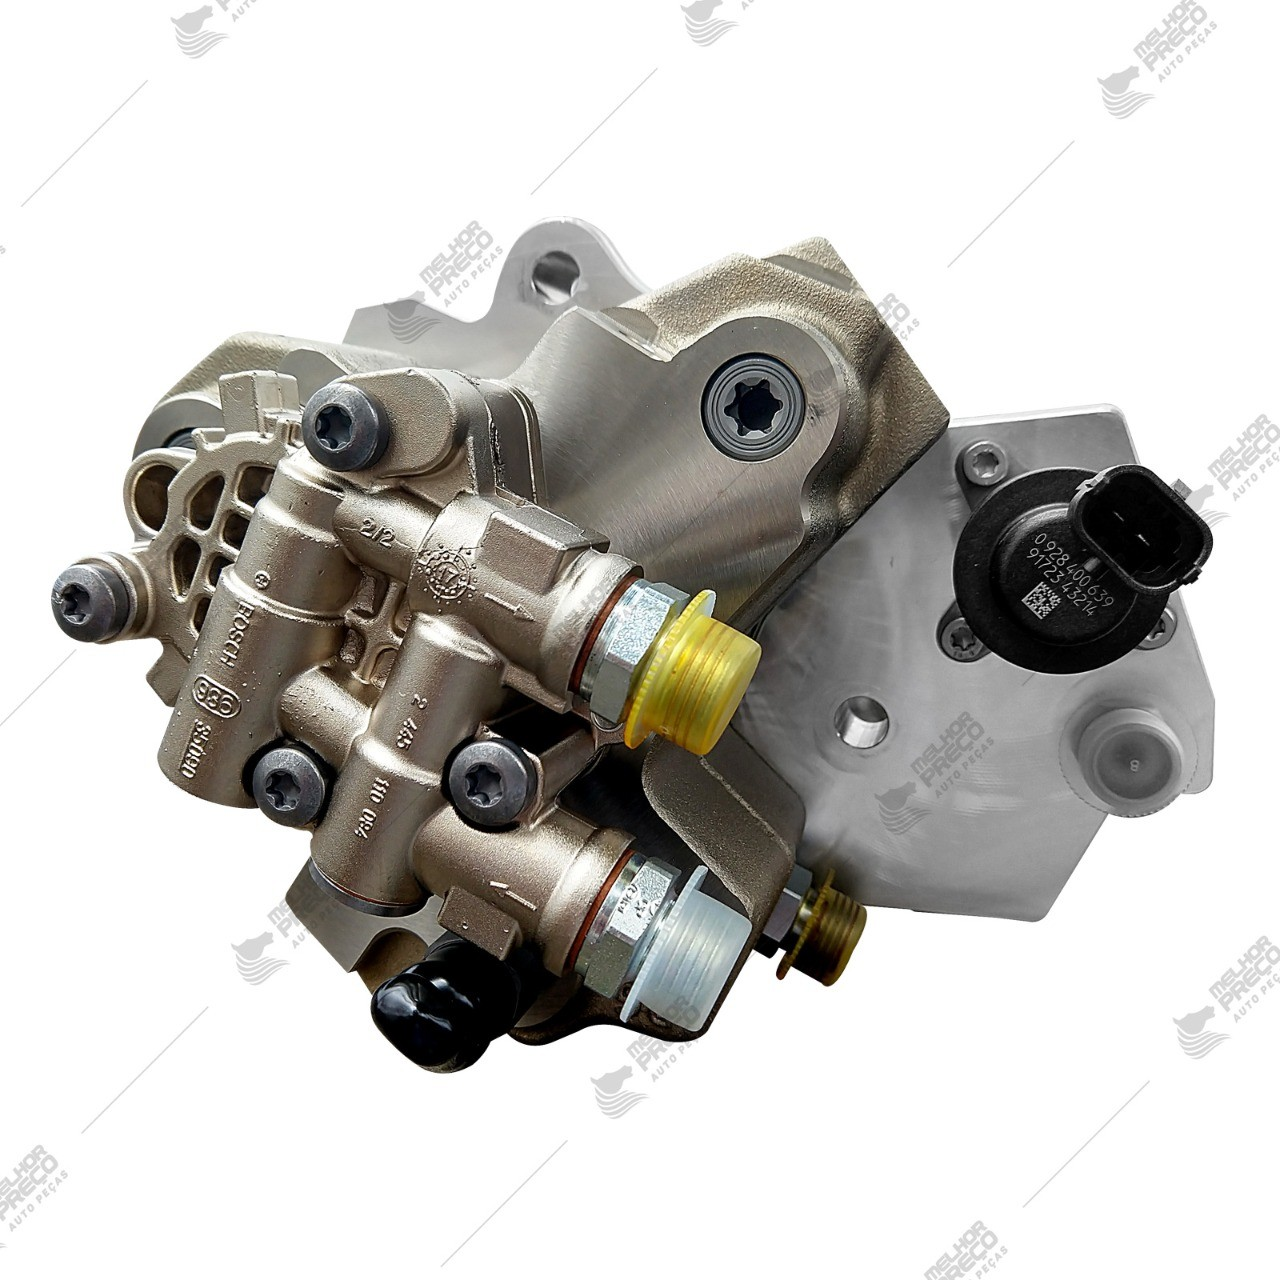 Bomba de Alta Pressão CP3  VW 13-190 Motor MWM X12  4 e 6 Cilindros